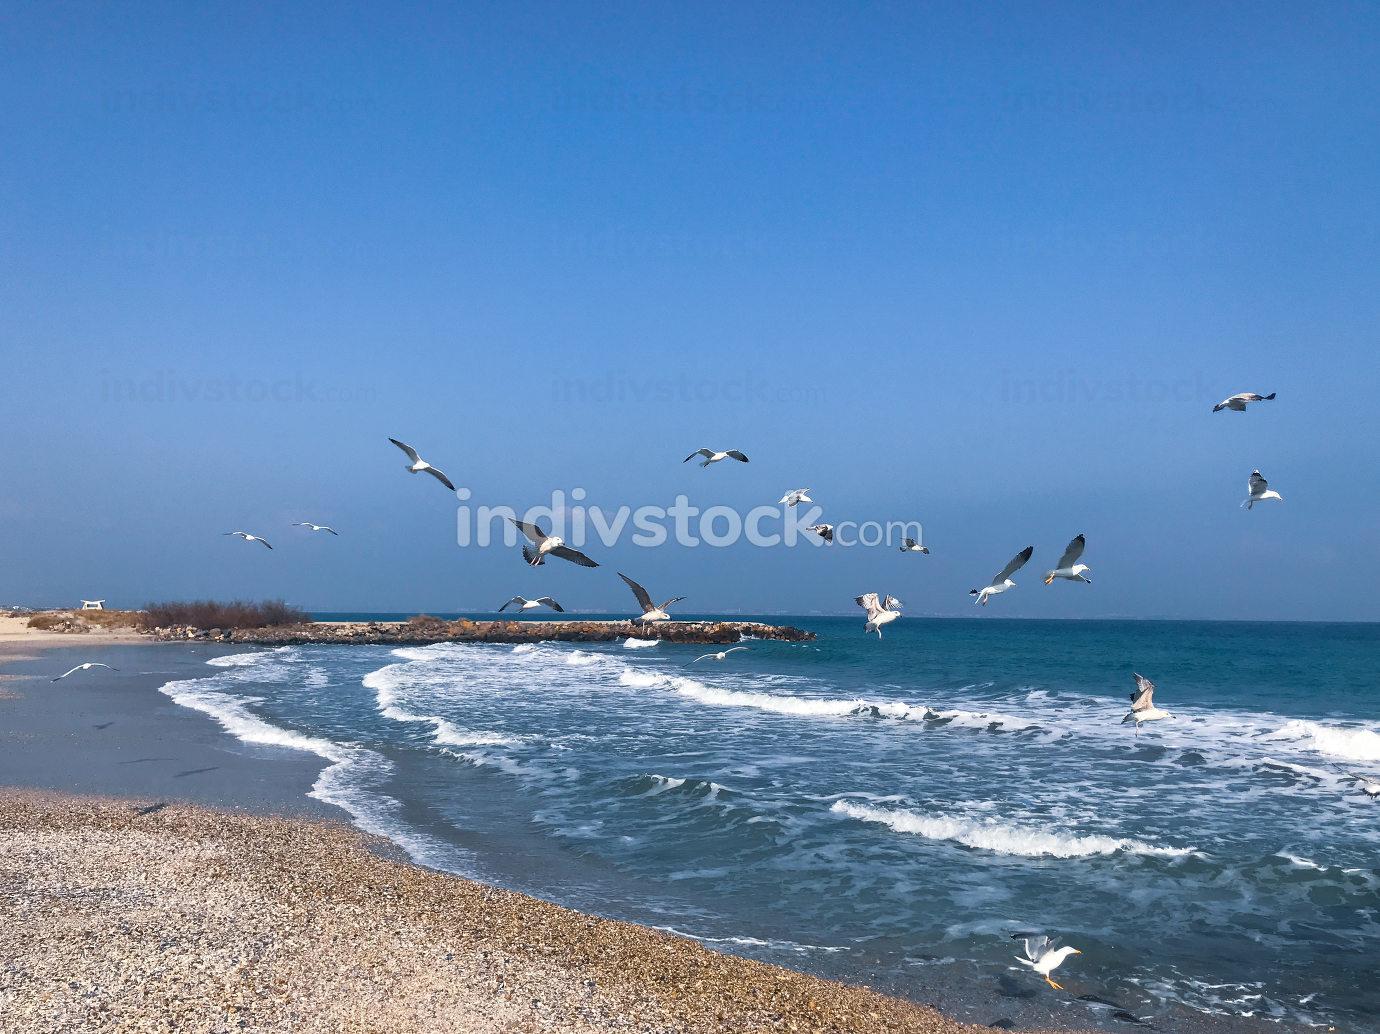 Seabirds Fly Over The Blue Sea